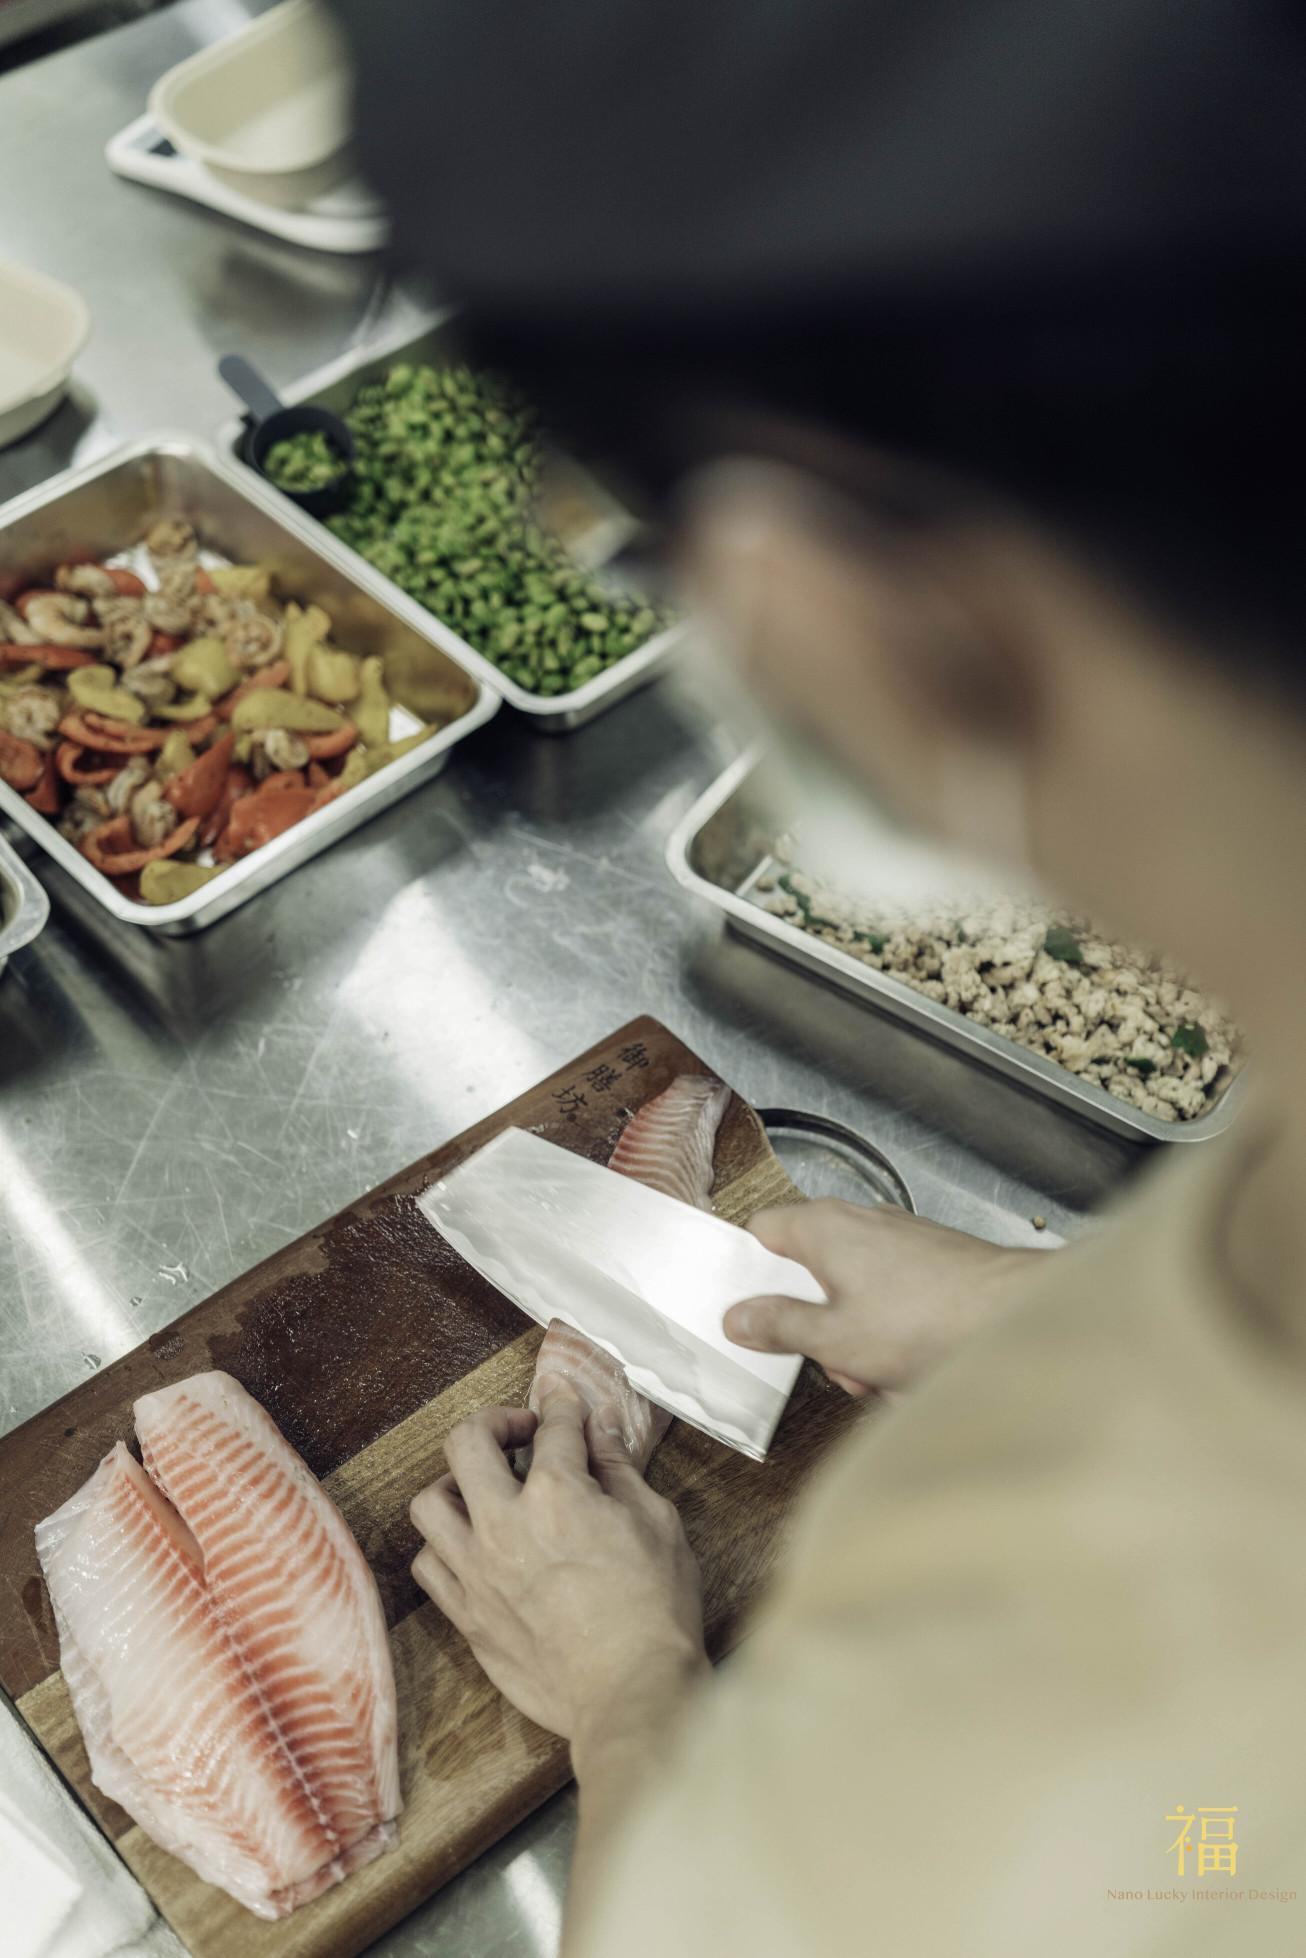 09野膳健康餐|少鹽少油低卡無負擔|小福砌商空設計